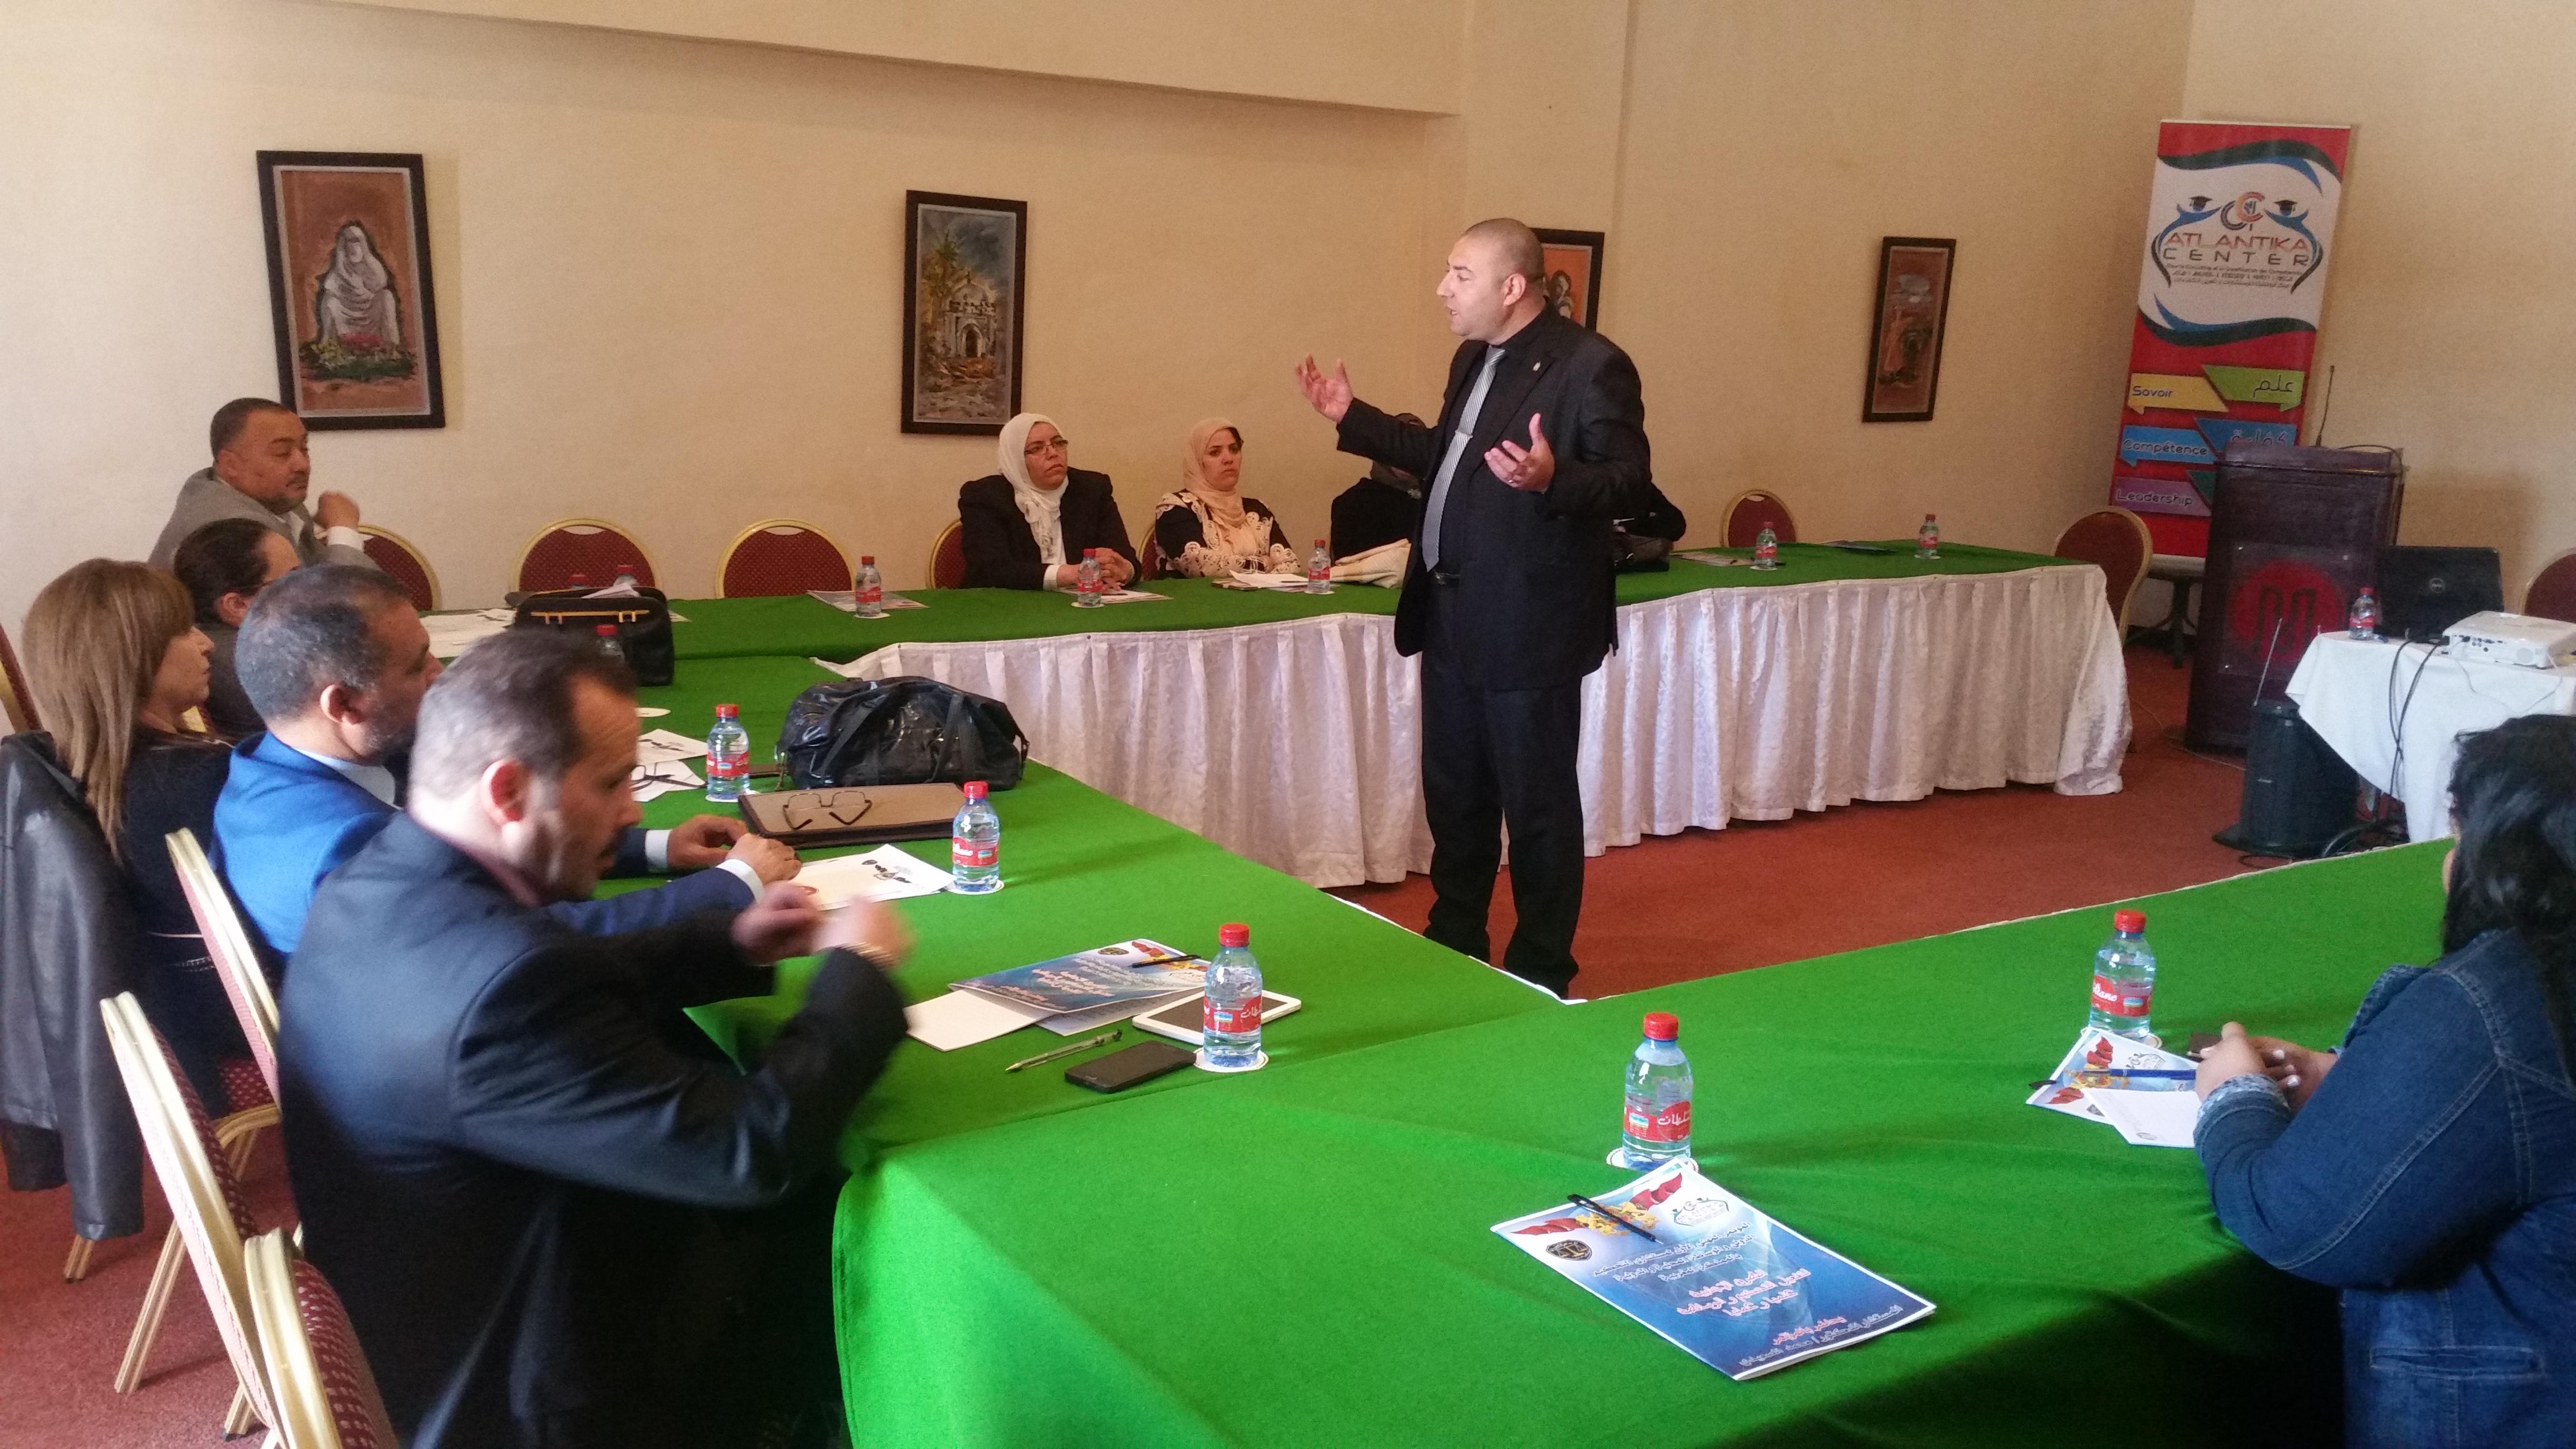 تقرير عن المؤتمر الدولي المهني الاول لمستشاري التحكيم الدولي والوساطة المحلية